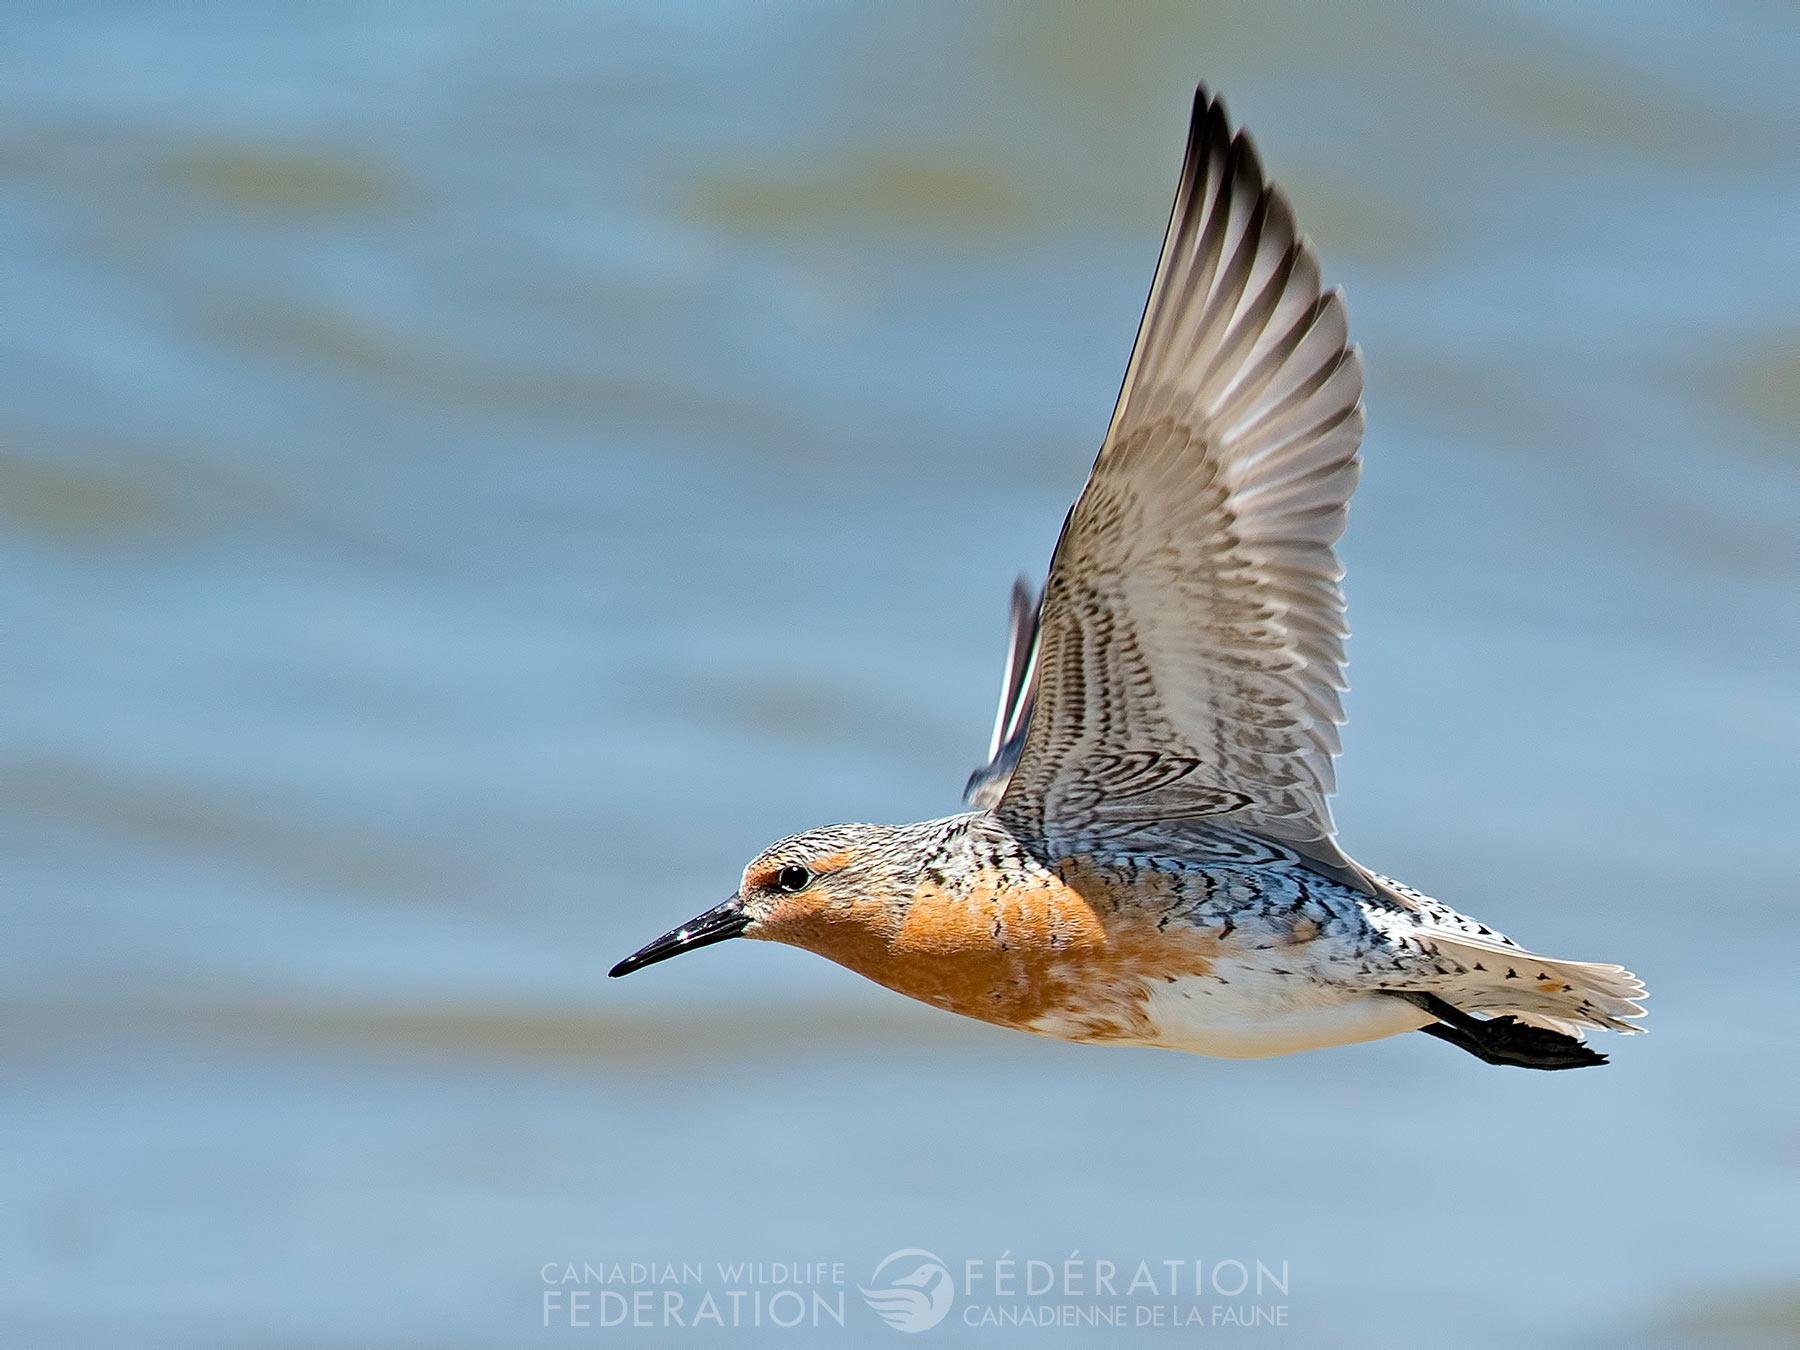 Bonne Journée Internationale des oiseaux migrateurs